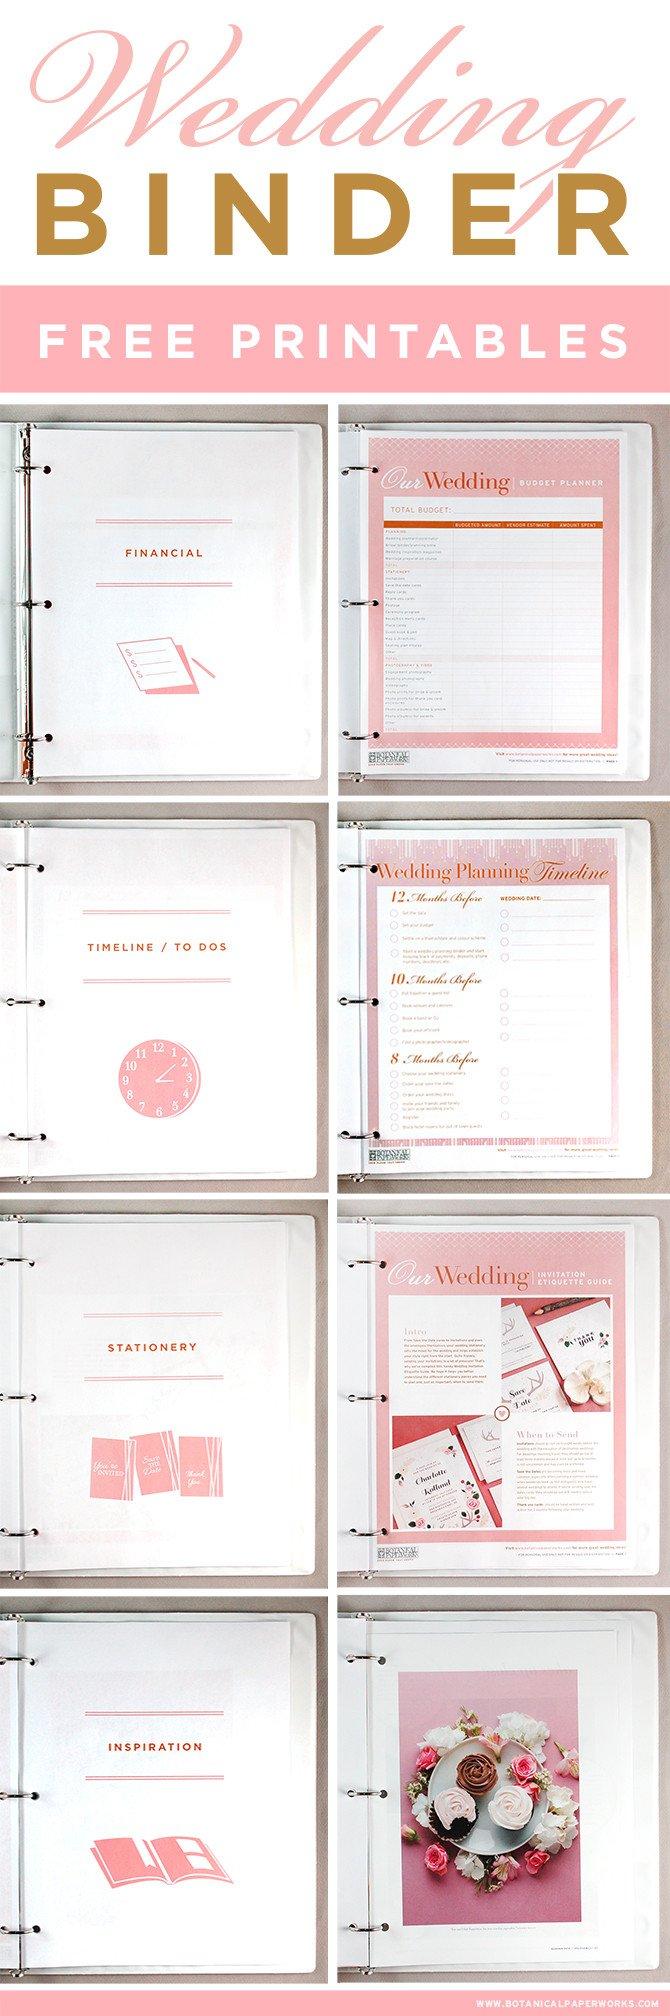 Free Printable Wedding Binder Templates Free Printables Wedding Planning Binder